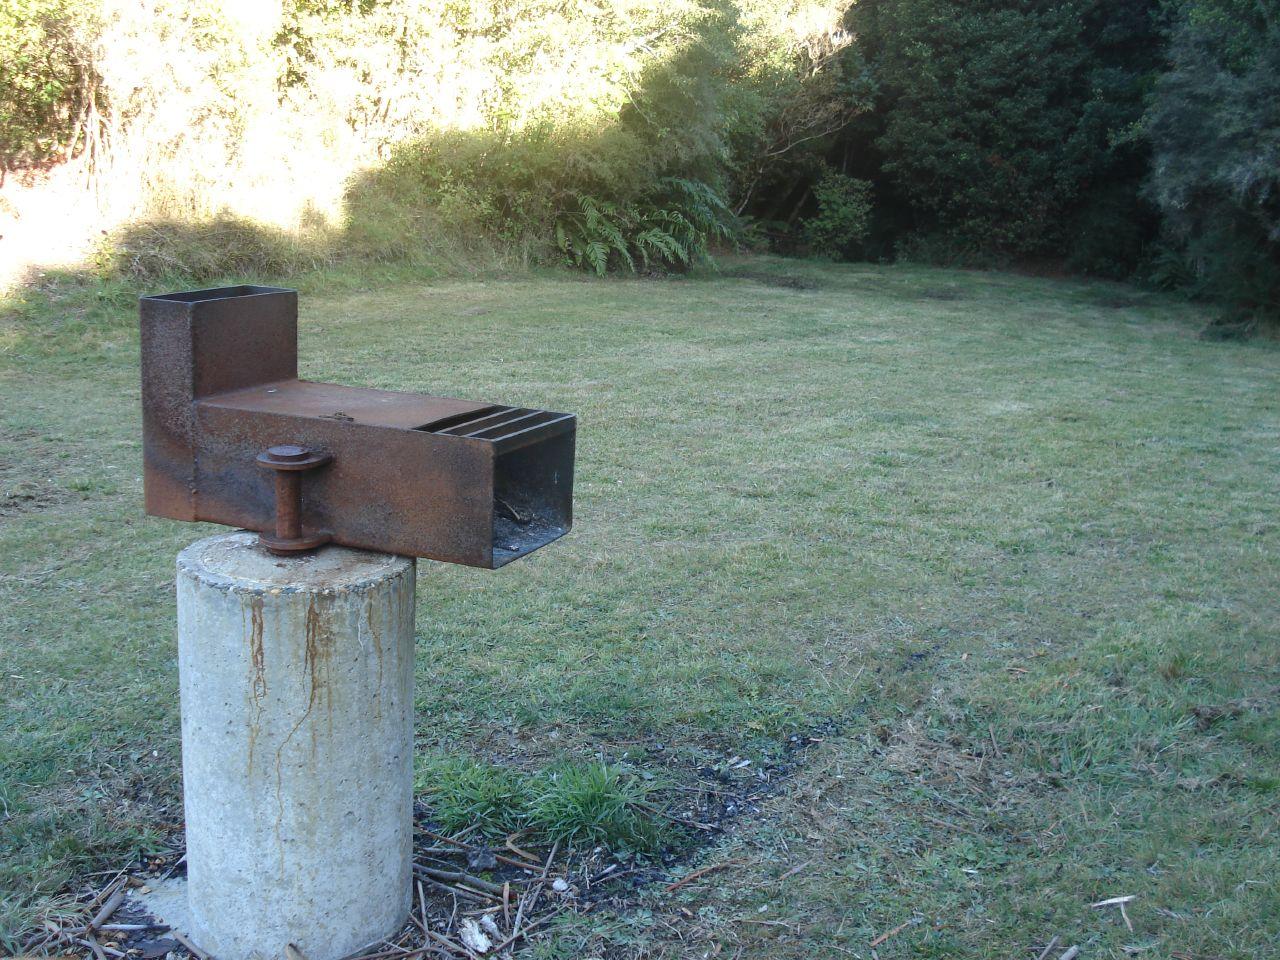 der raketenofen einfach und effizient f r den outdoor bereich. Black Bedroom Furniture Sets. Home Design Ideas